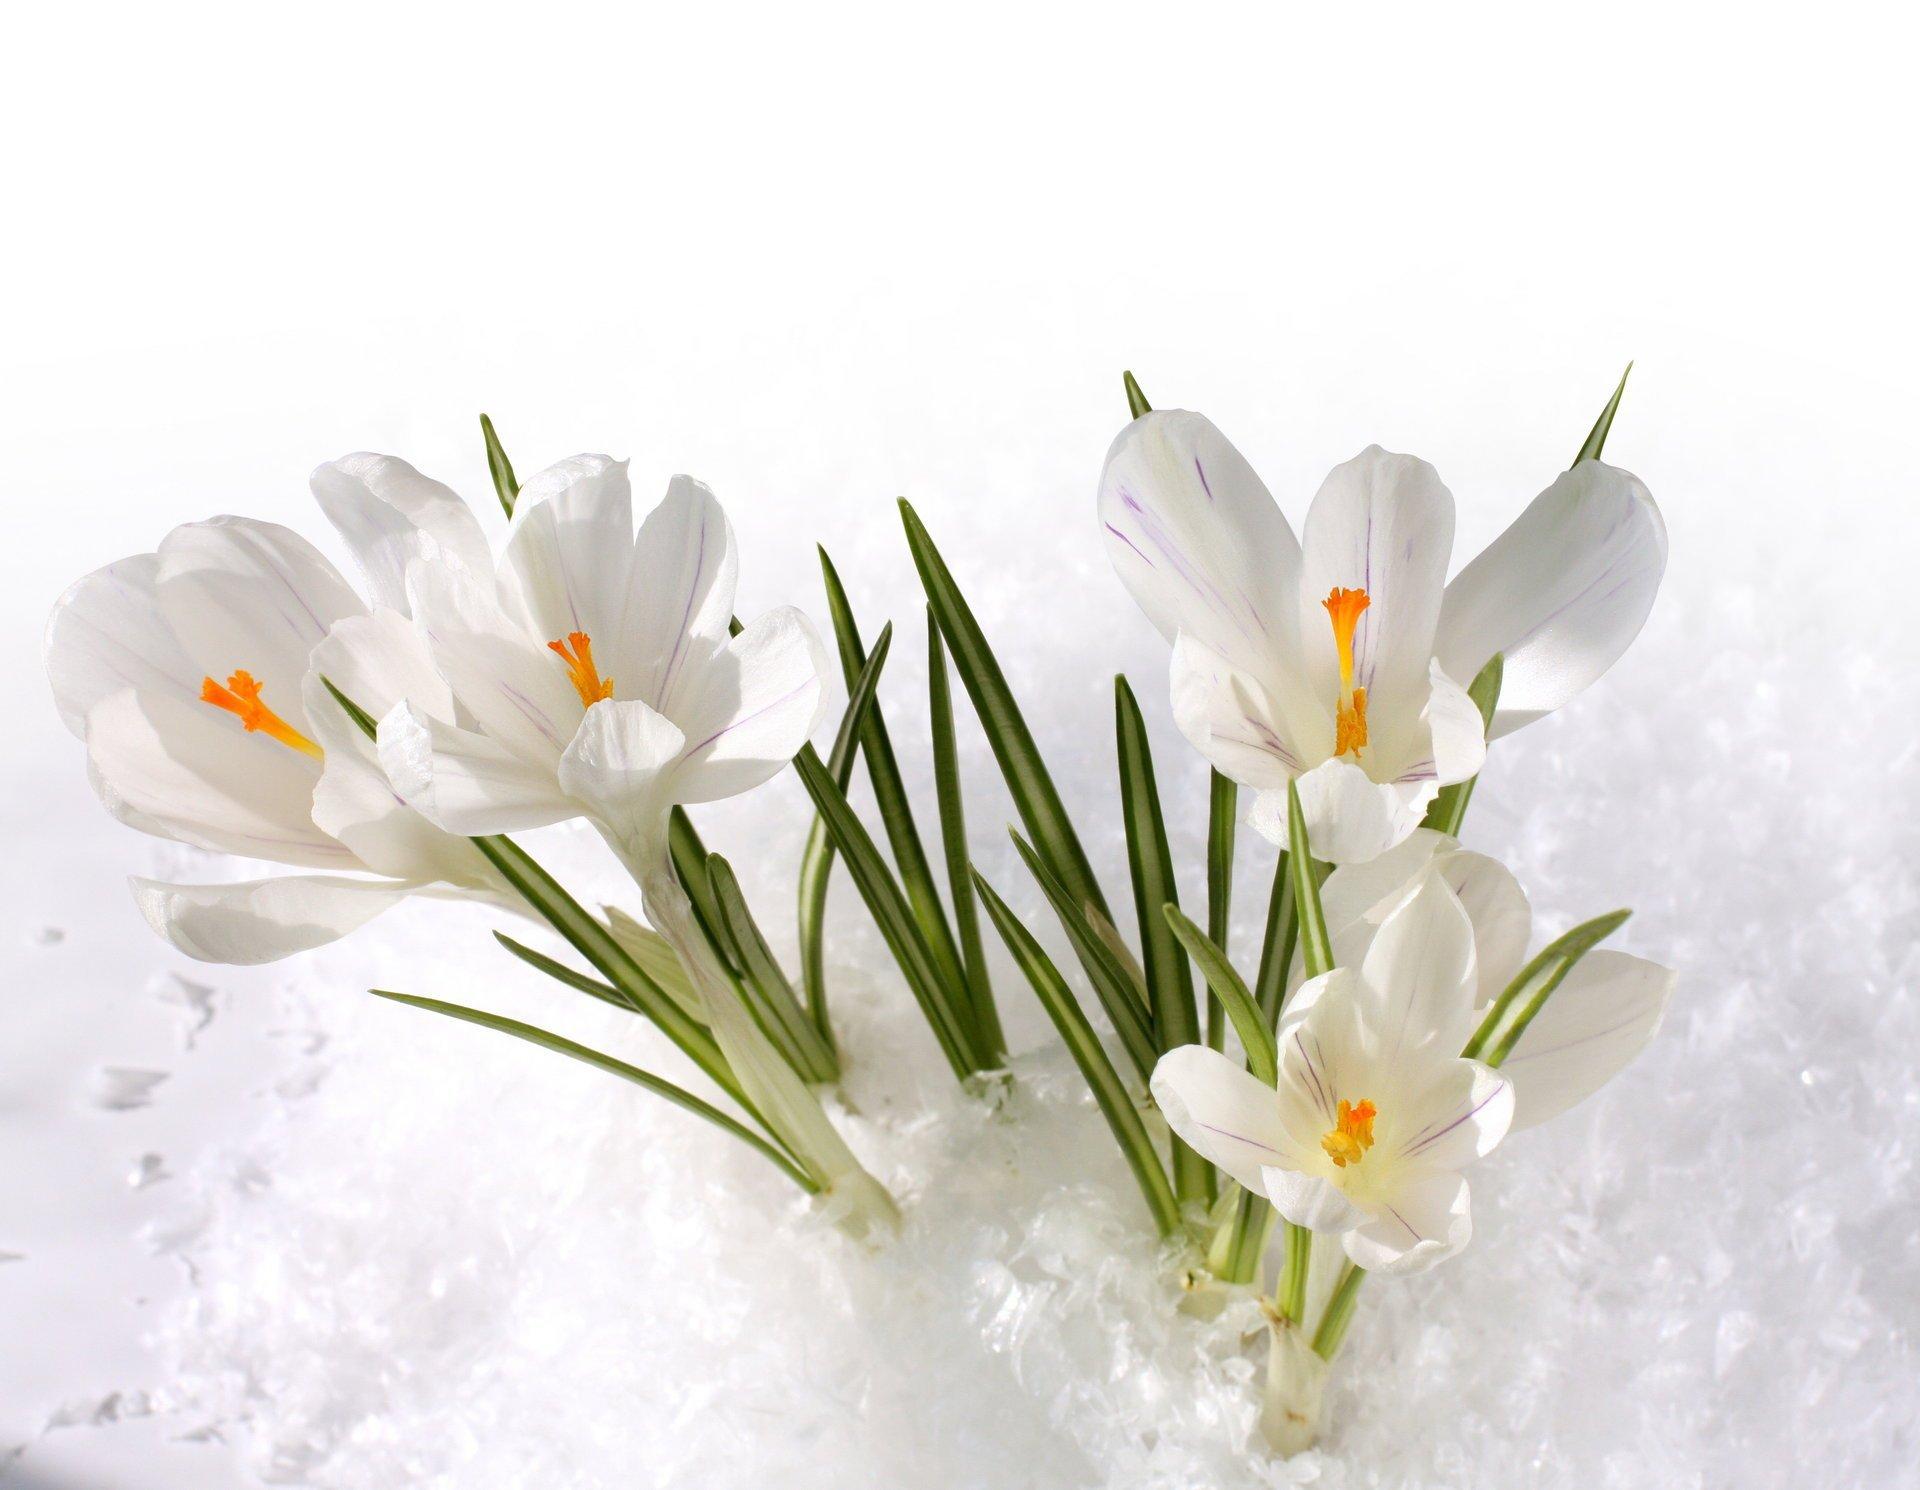 Calicanto Fiore D Inverno i fiori che sfidano la neve - gesal.it